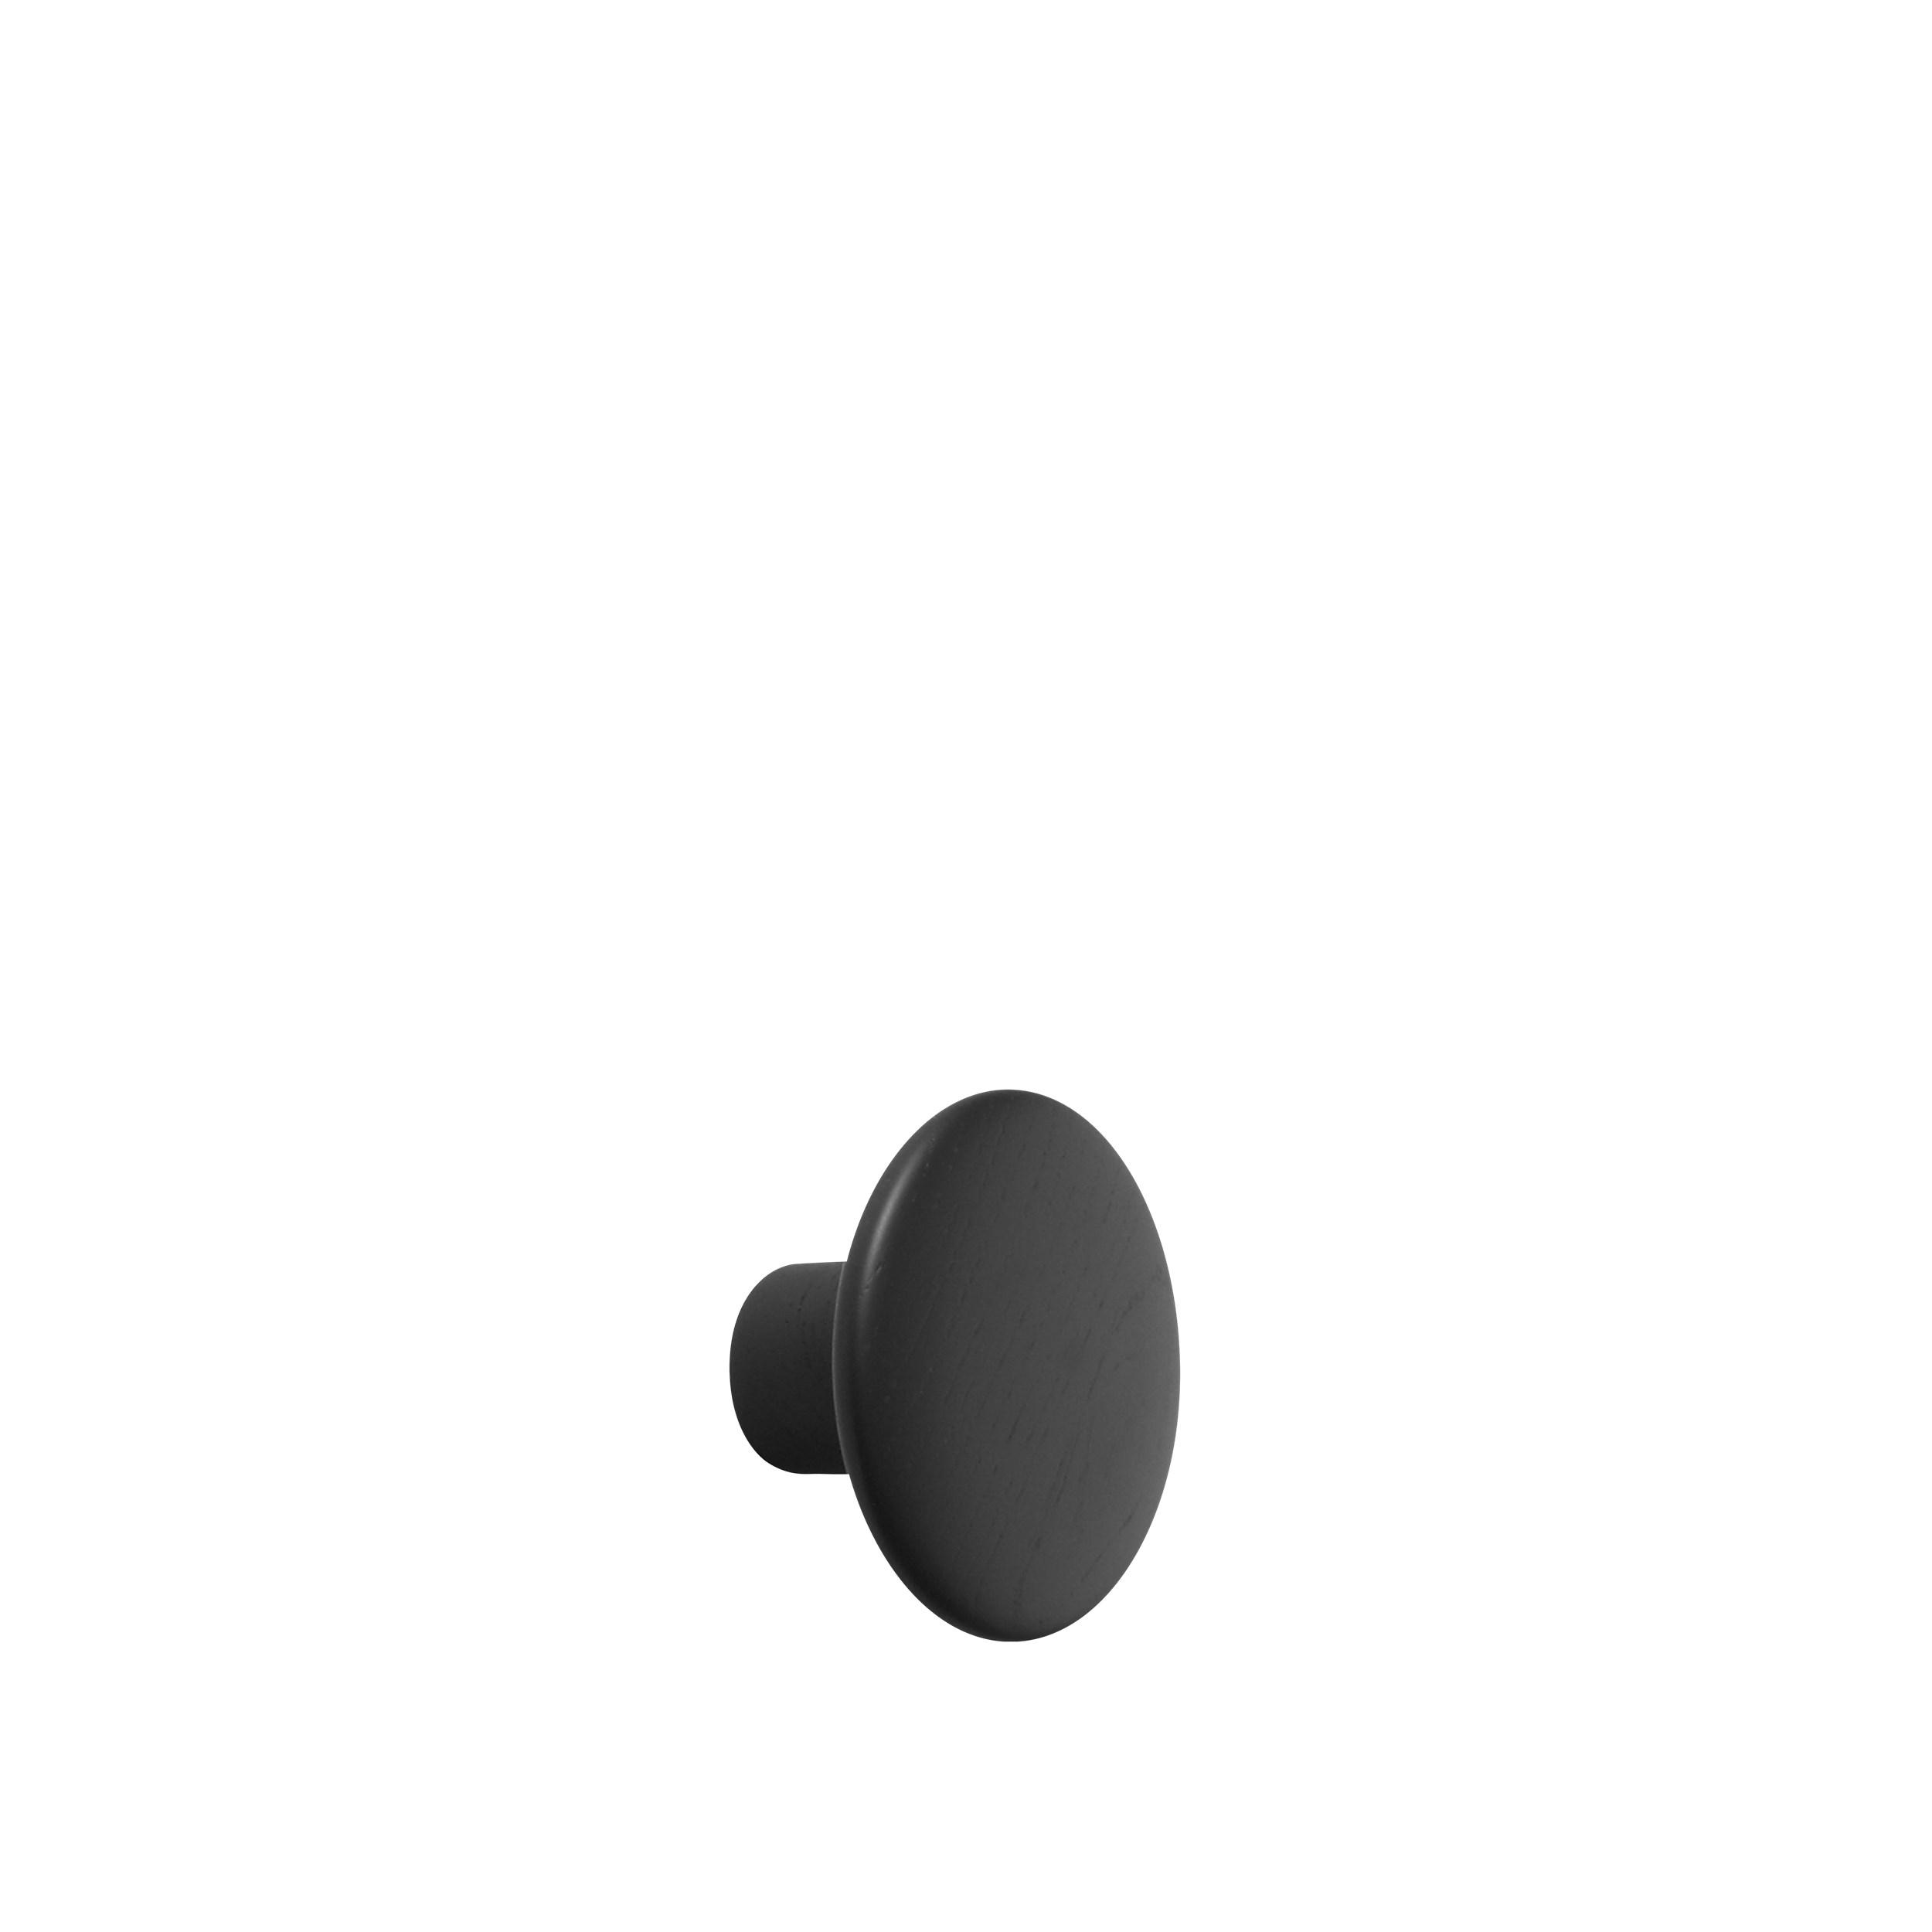 Muuto Dots Wandhaken black s